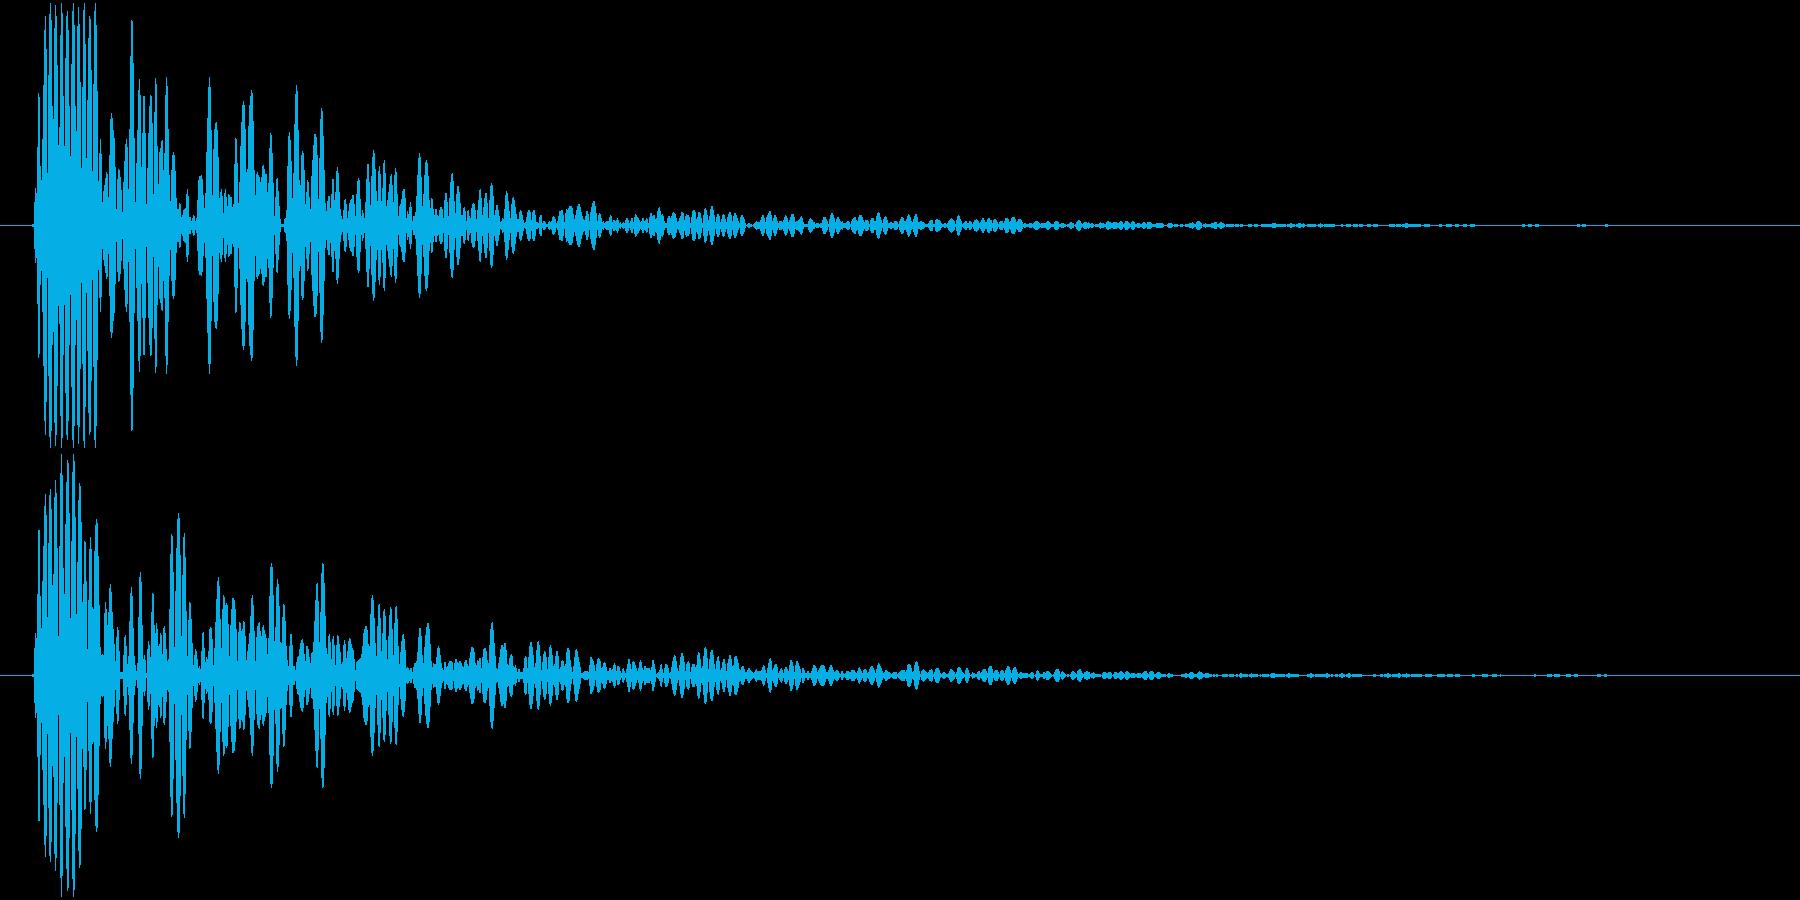 Knife 三徳包丁 トン 単発 2の再生済みの波形